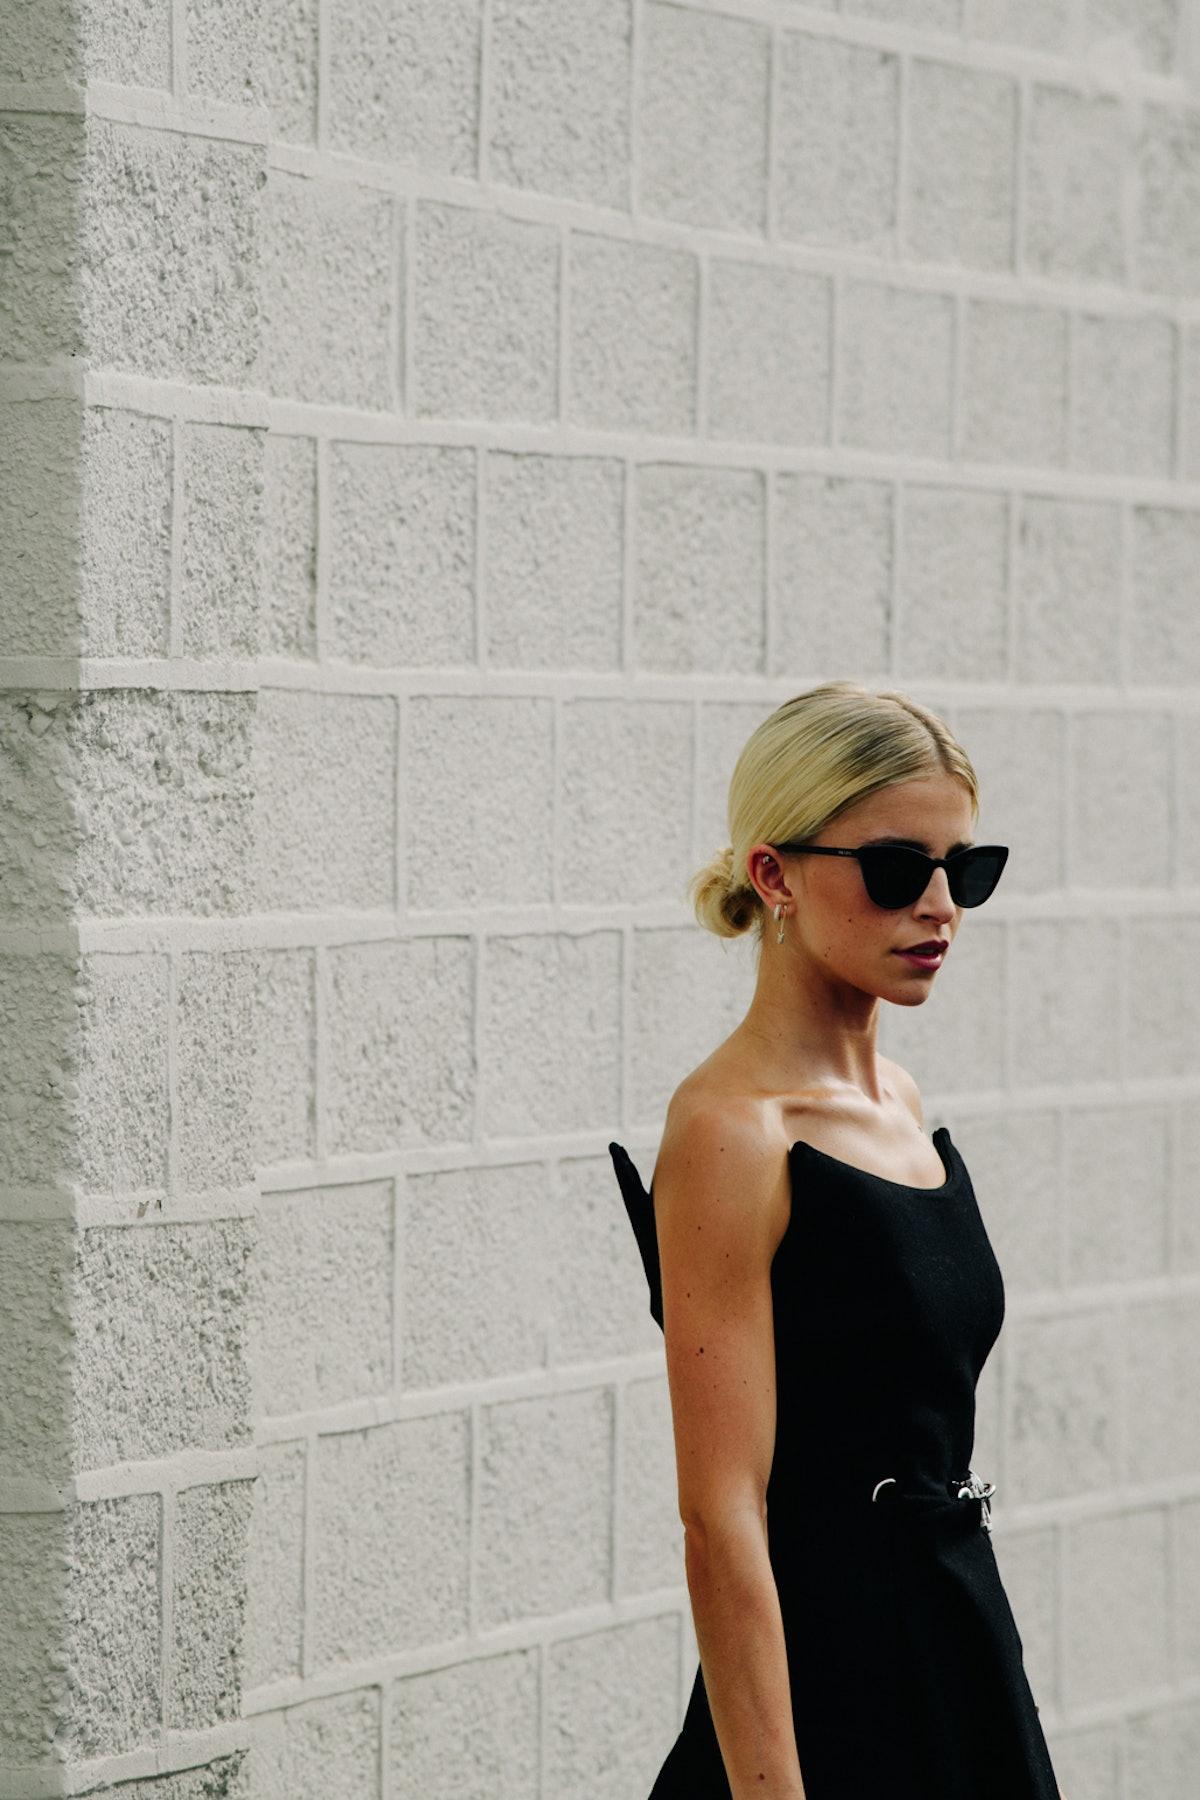 Adam-Katz-Sinding-W-Magazine-Milan-Fashion-Week-Spring-Summer-2020_AKS4505.jpg